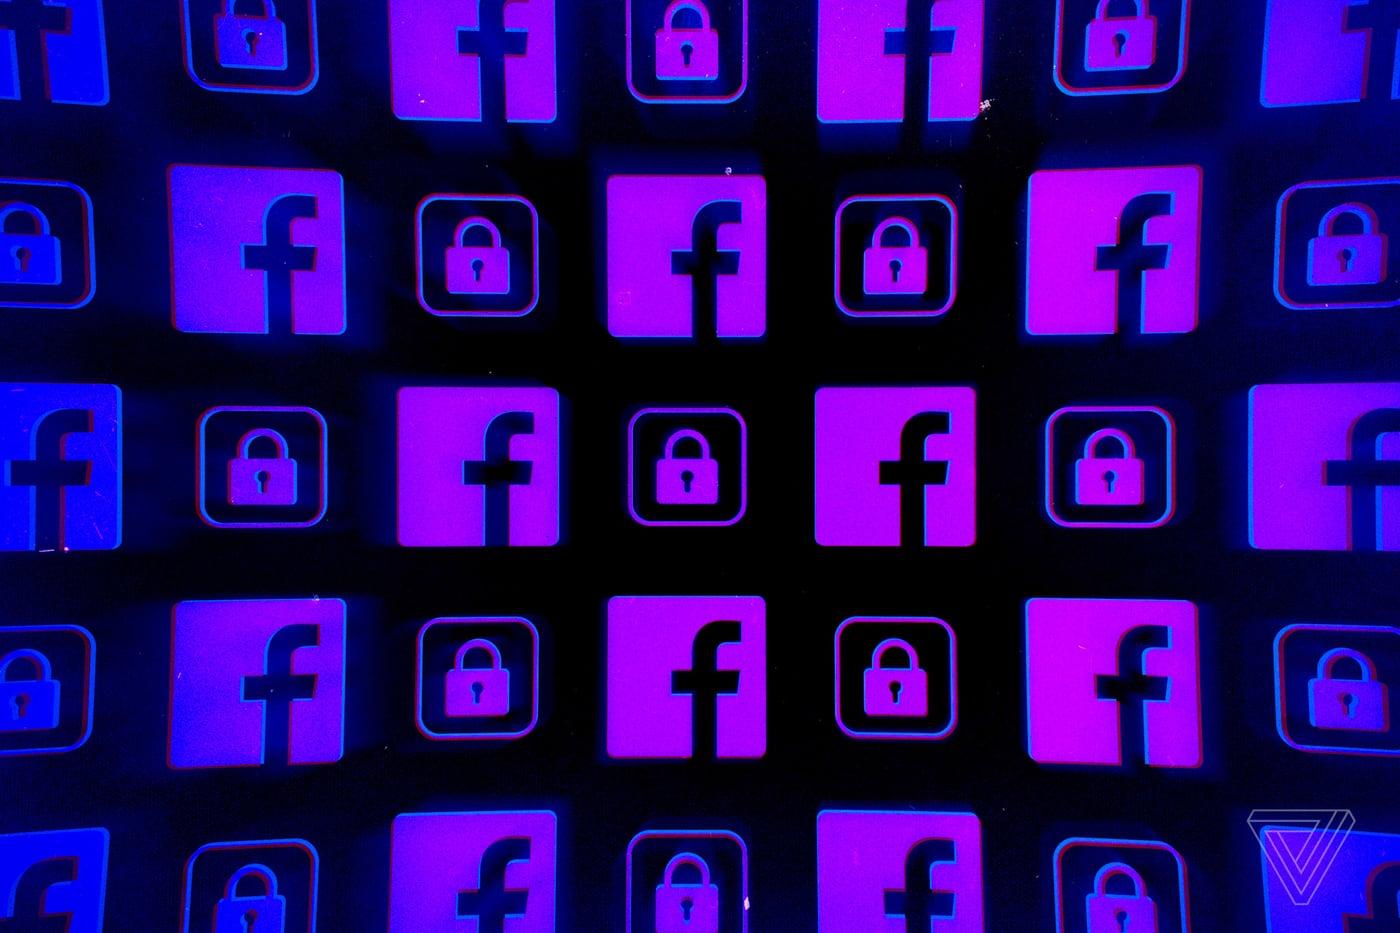 Facebook yêu cầu Clearview dừng sử dụng hình ảnh của họ cho chương trình nhận dạng khuôn mặt gây tranh cãi